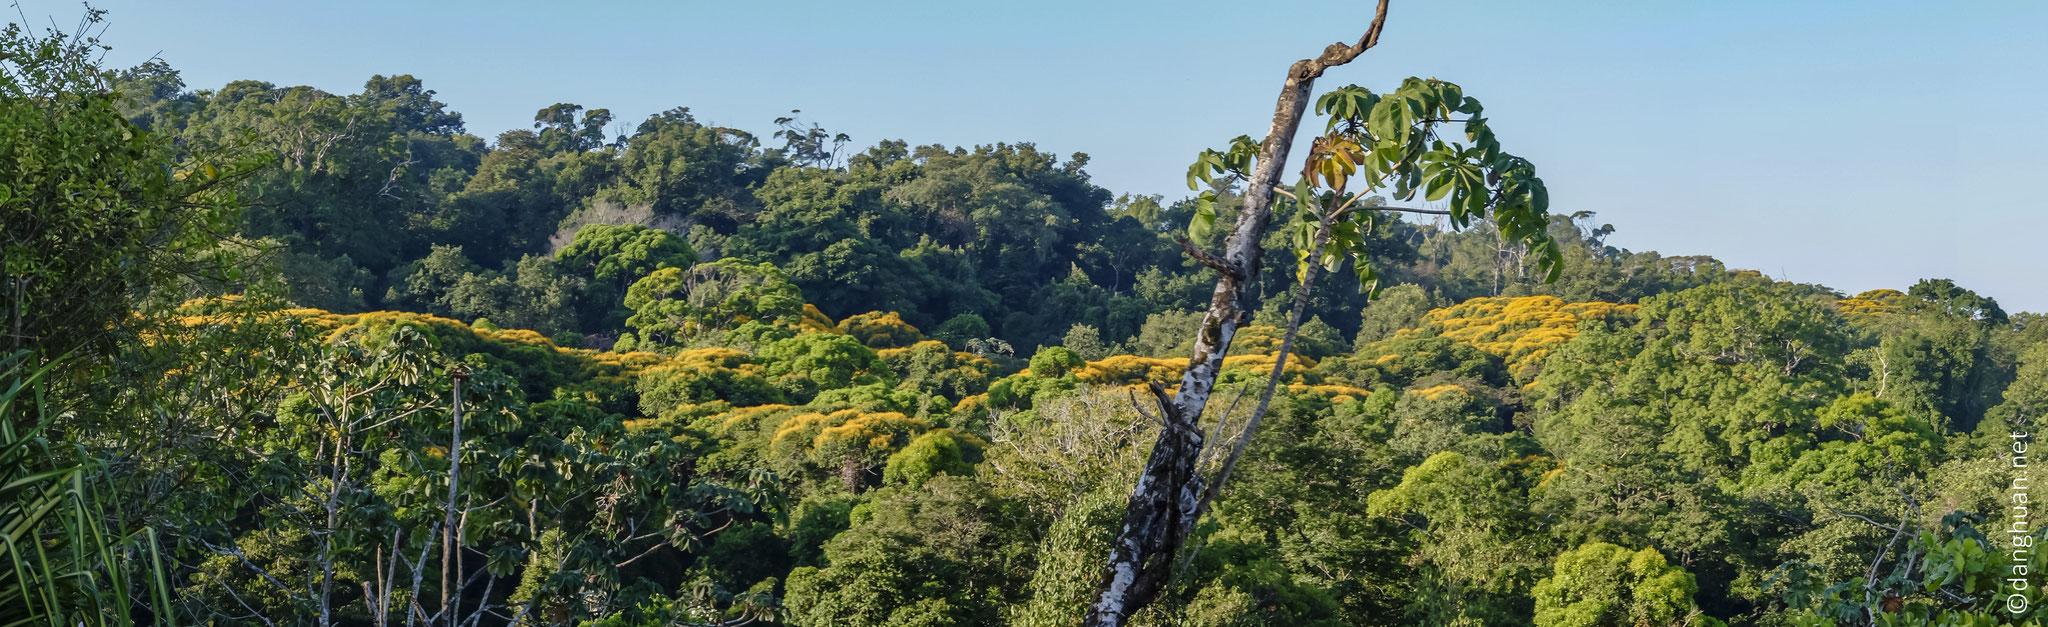 Forêt tropicale avec des arbres brocolis, les premiers à renaître en cas de catastrophe